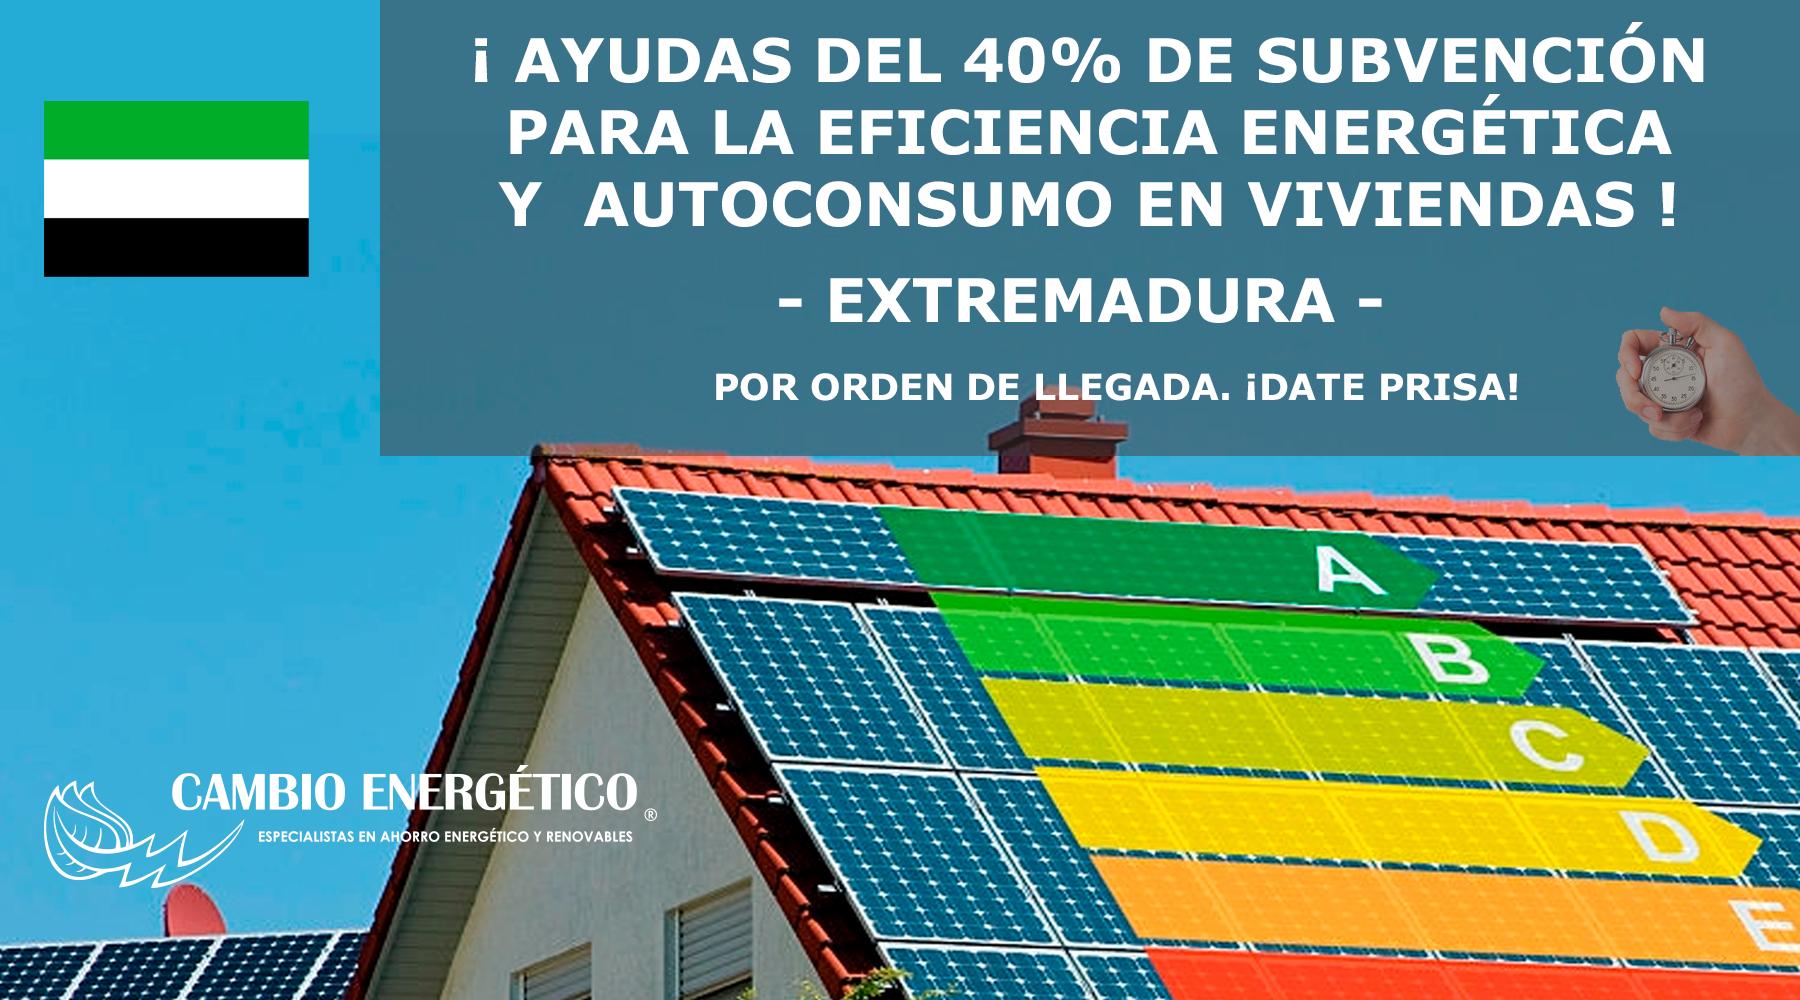 AYUDAS PARA EFICIENCIA ENERGÉTICA Y AUTOCONSUMO EN EXTREMADURA 2019